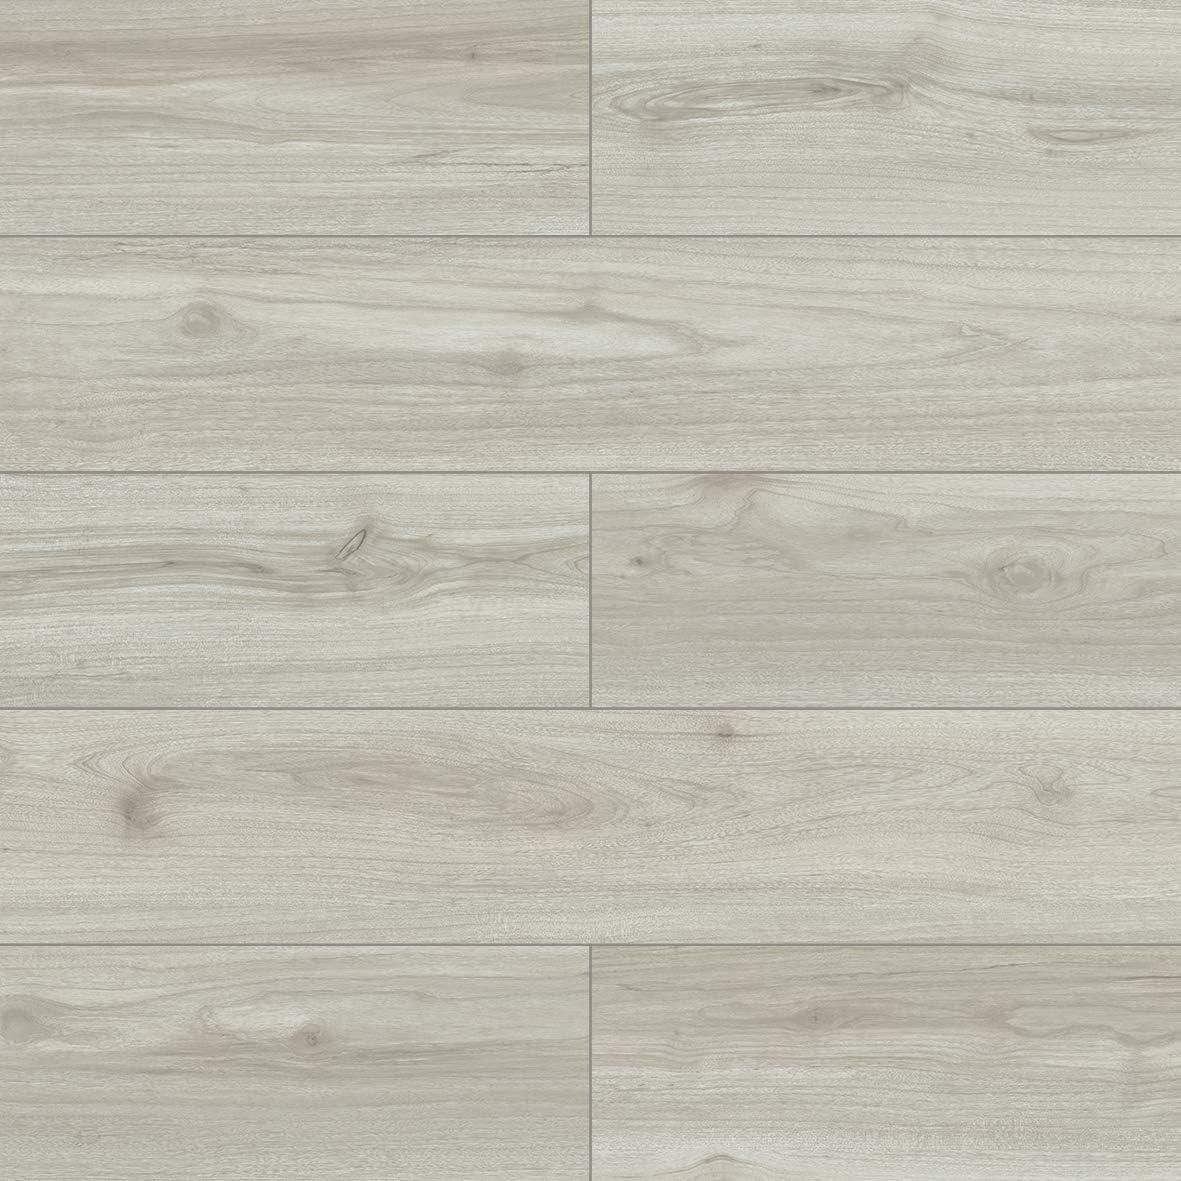 Dotfloor Empire Vinyl Planks Flooring Tiles 28.68 sq.ft Wood Grain with 1.5mm Padding 5.5mm for Home Office Bathroom Maple White